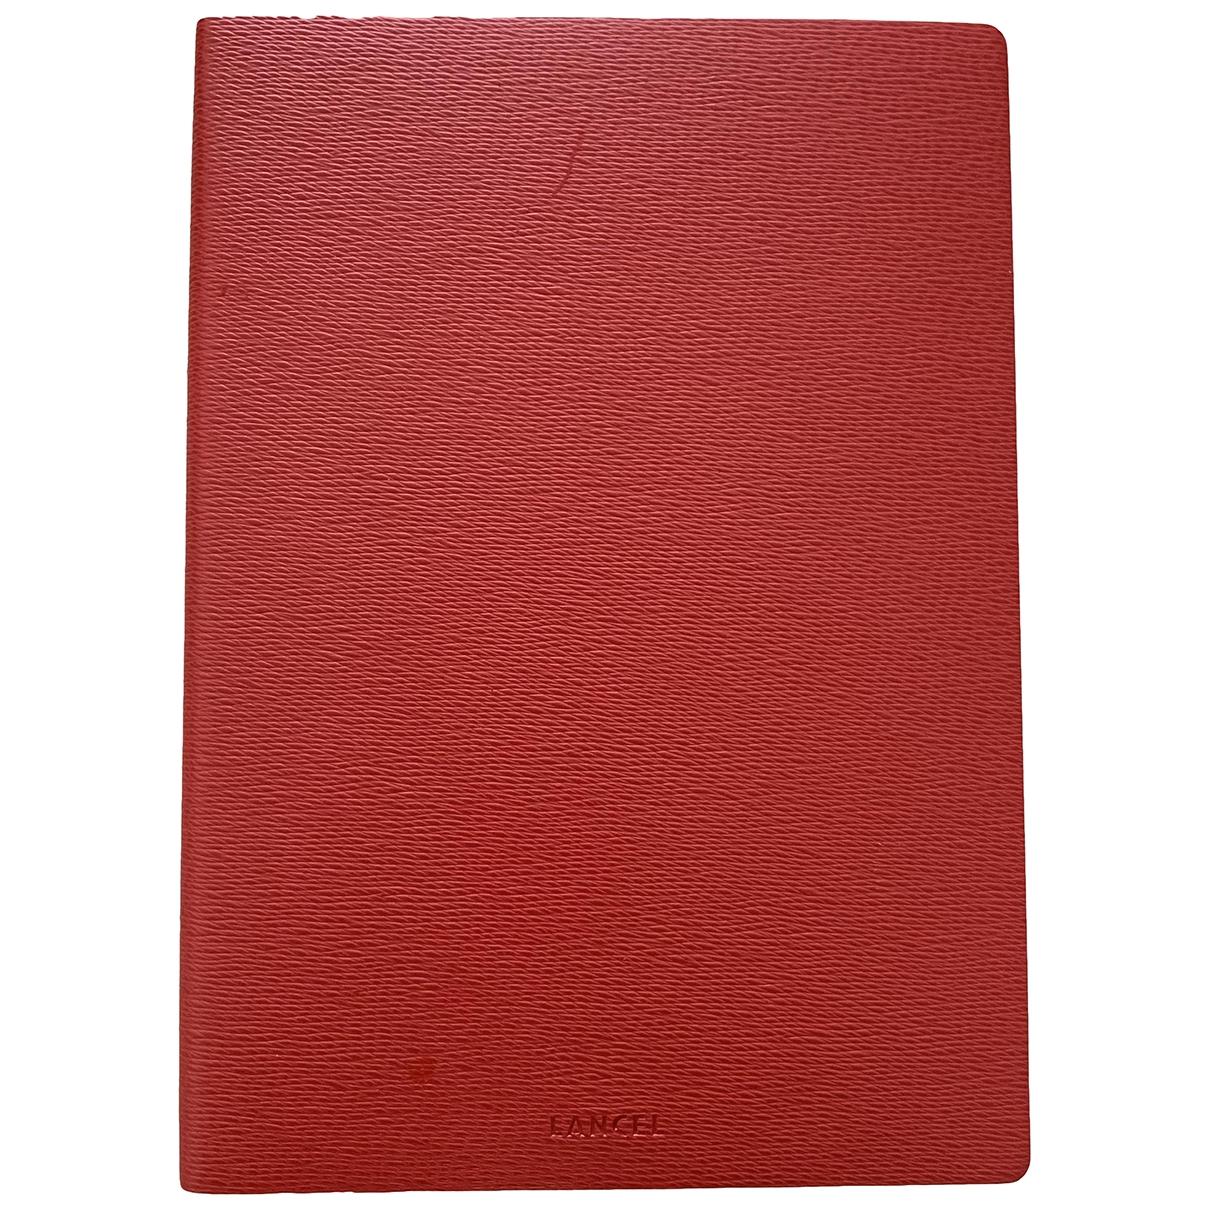 Lancel \N Kleinlederwaren in  Rot Leder